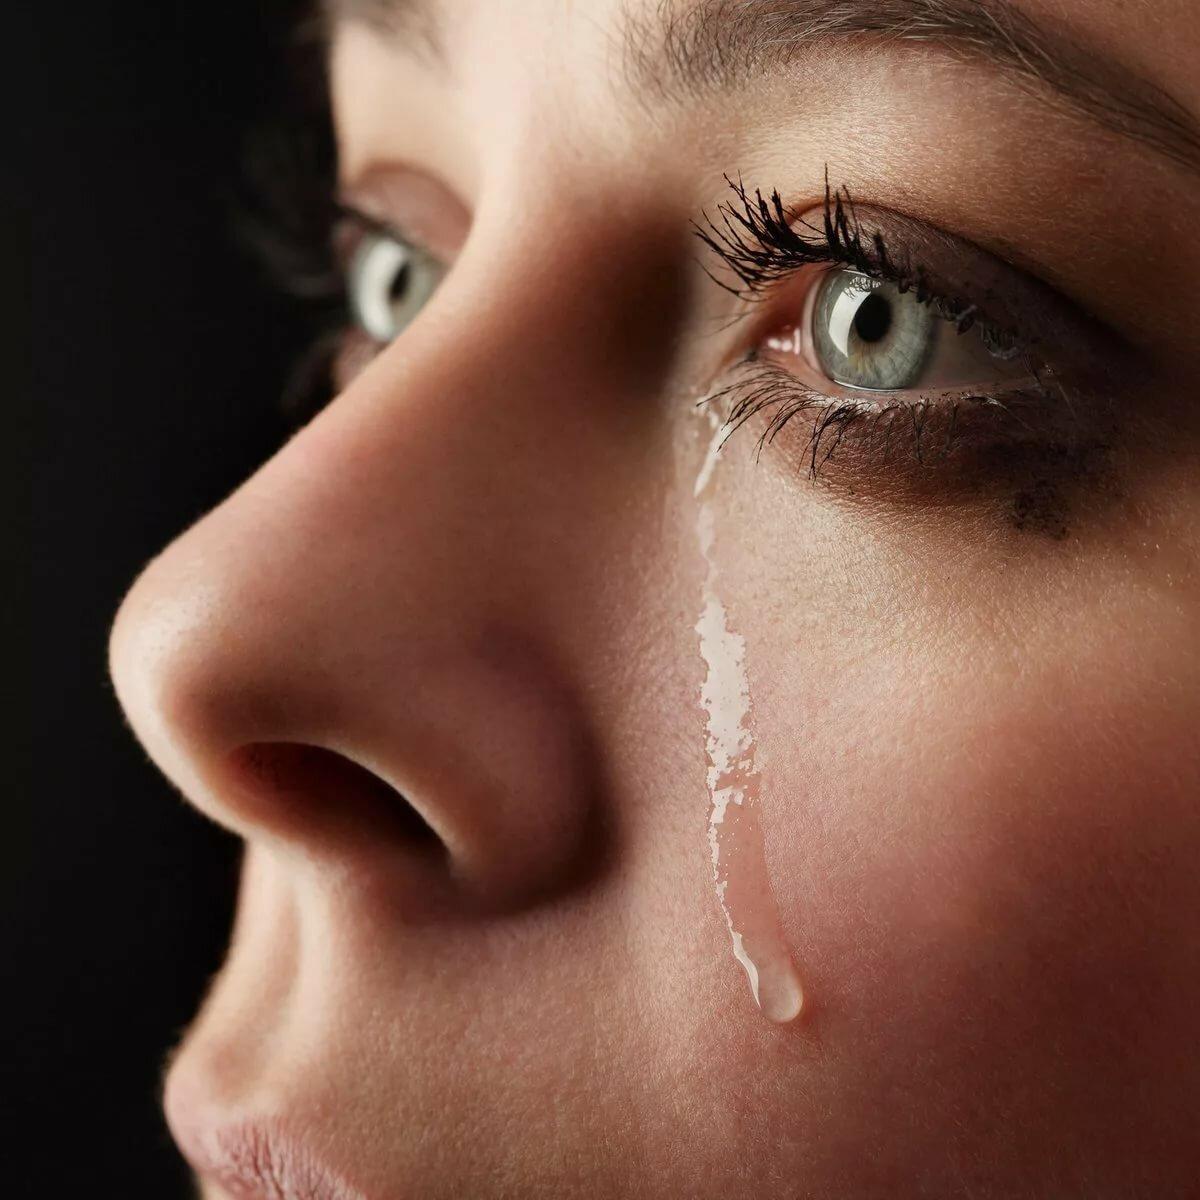 открытка глаза в слезах кадре